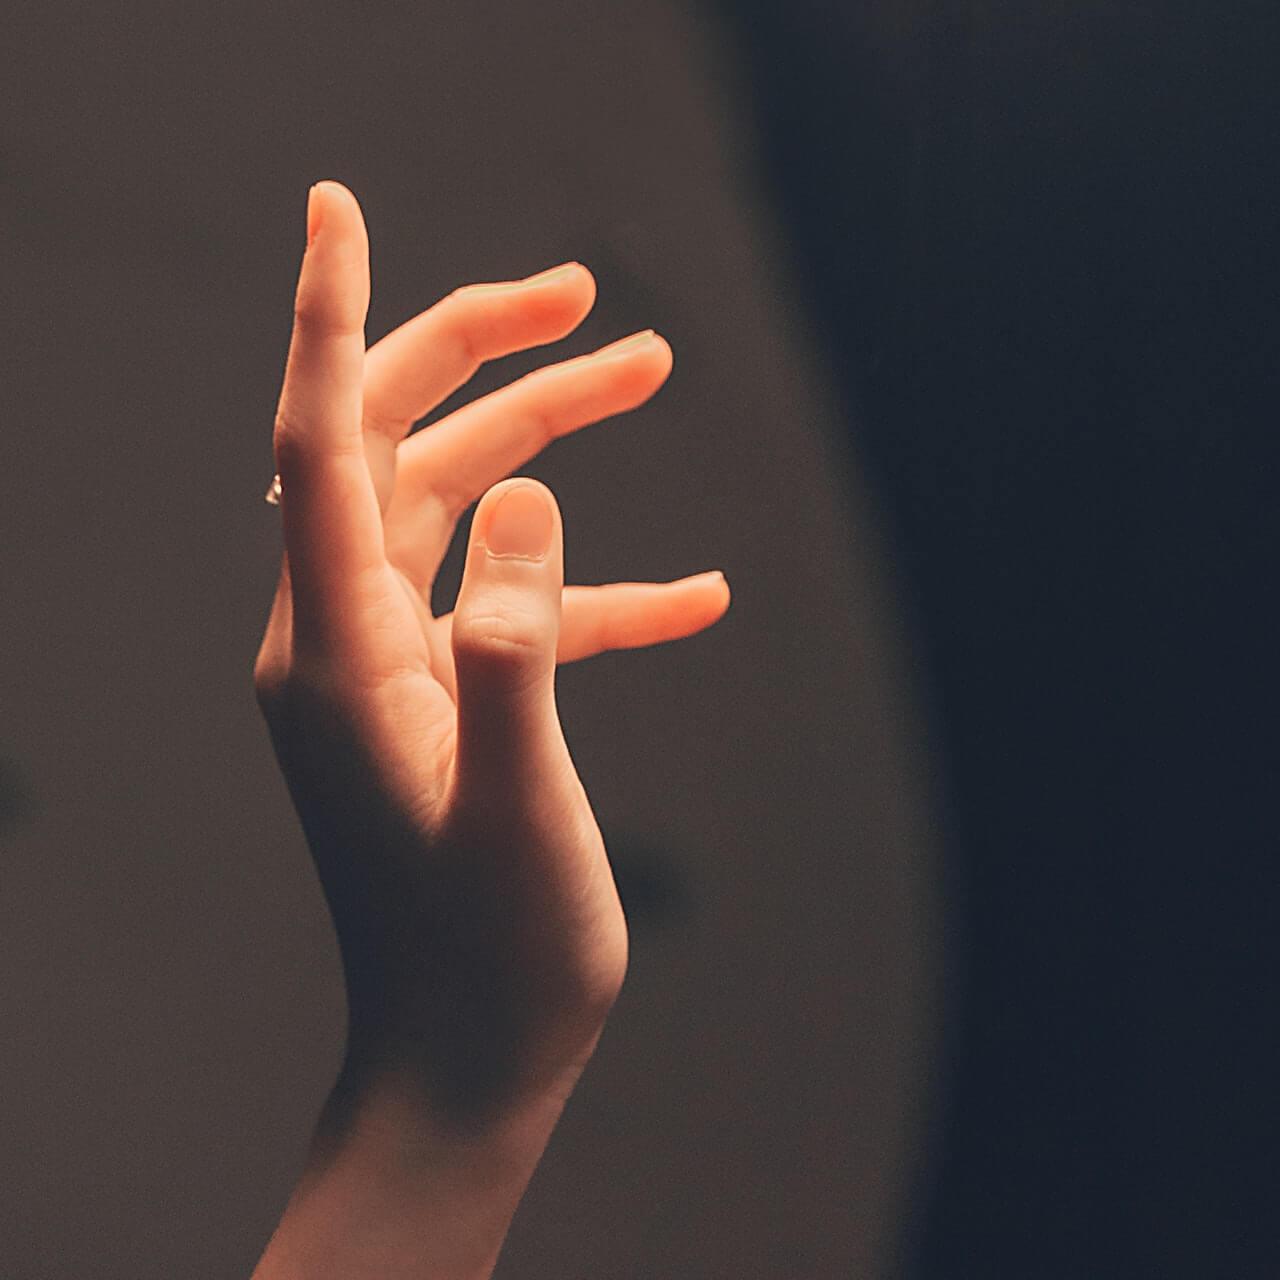 Estimular o períneo masculino com os dedos